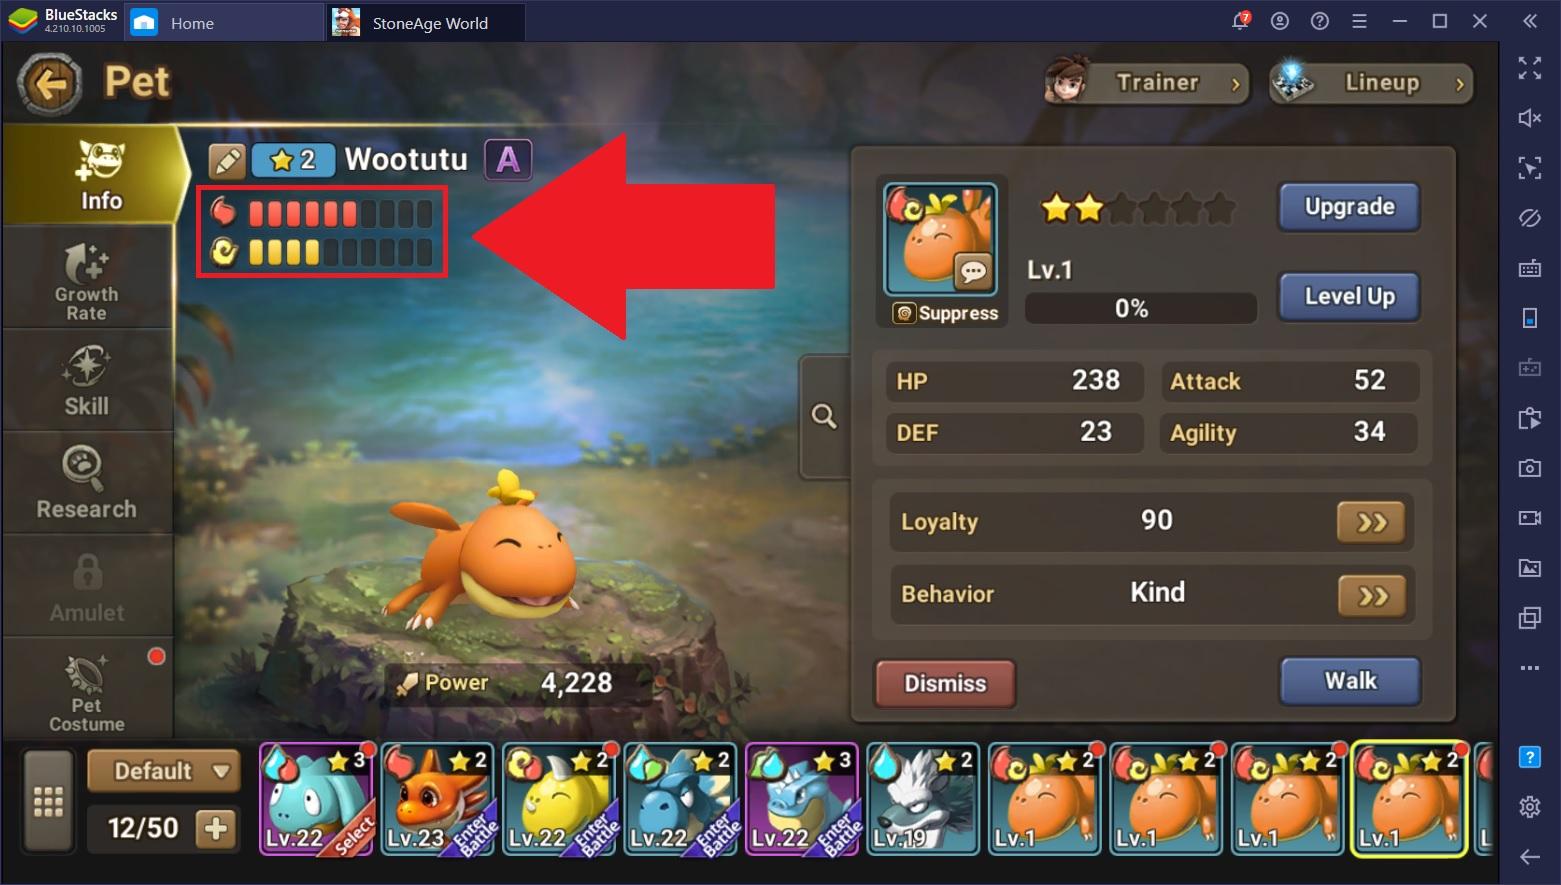 StoneAge World – Comment attraper des monstres dans ce Pokémon-like